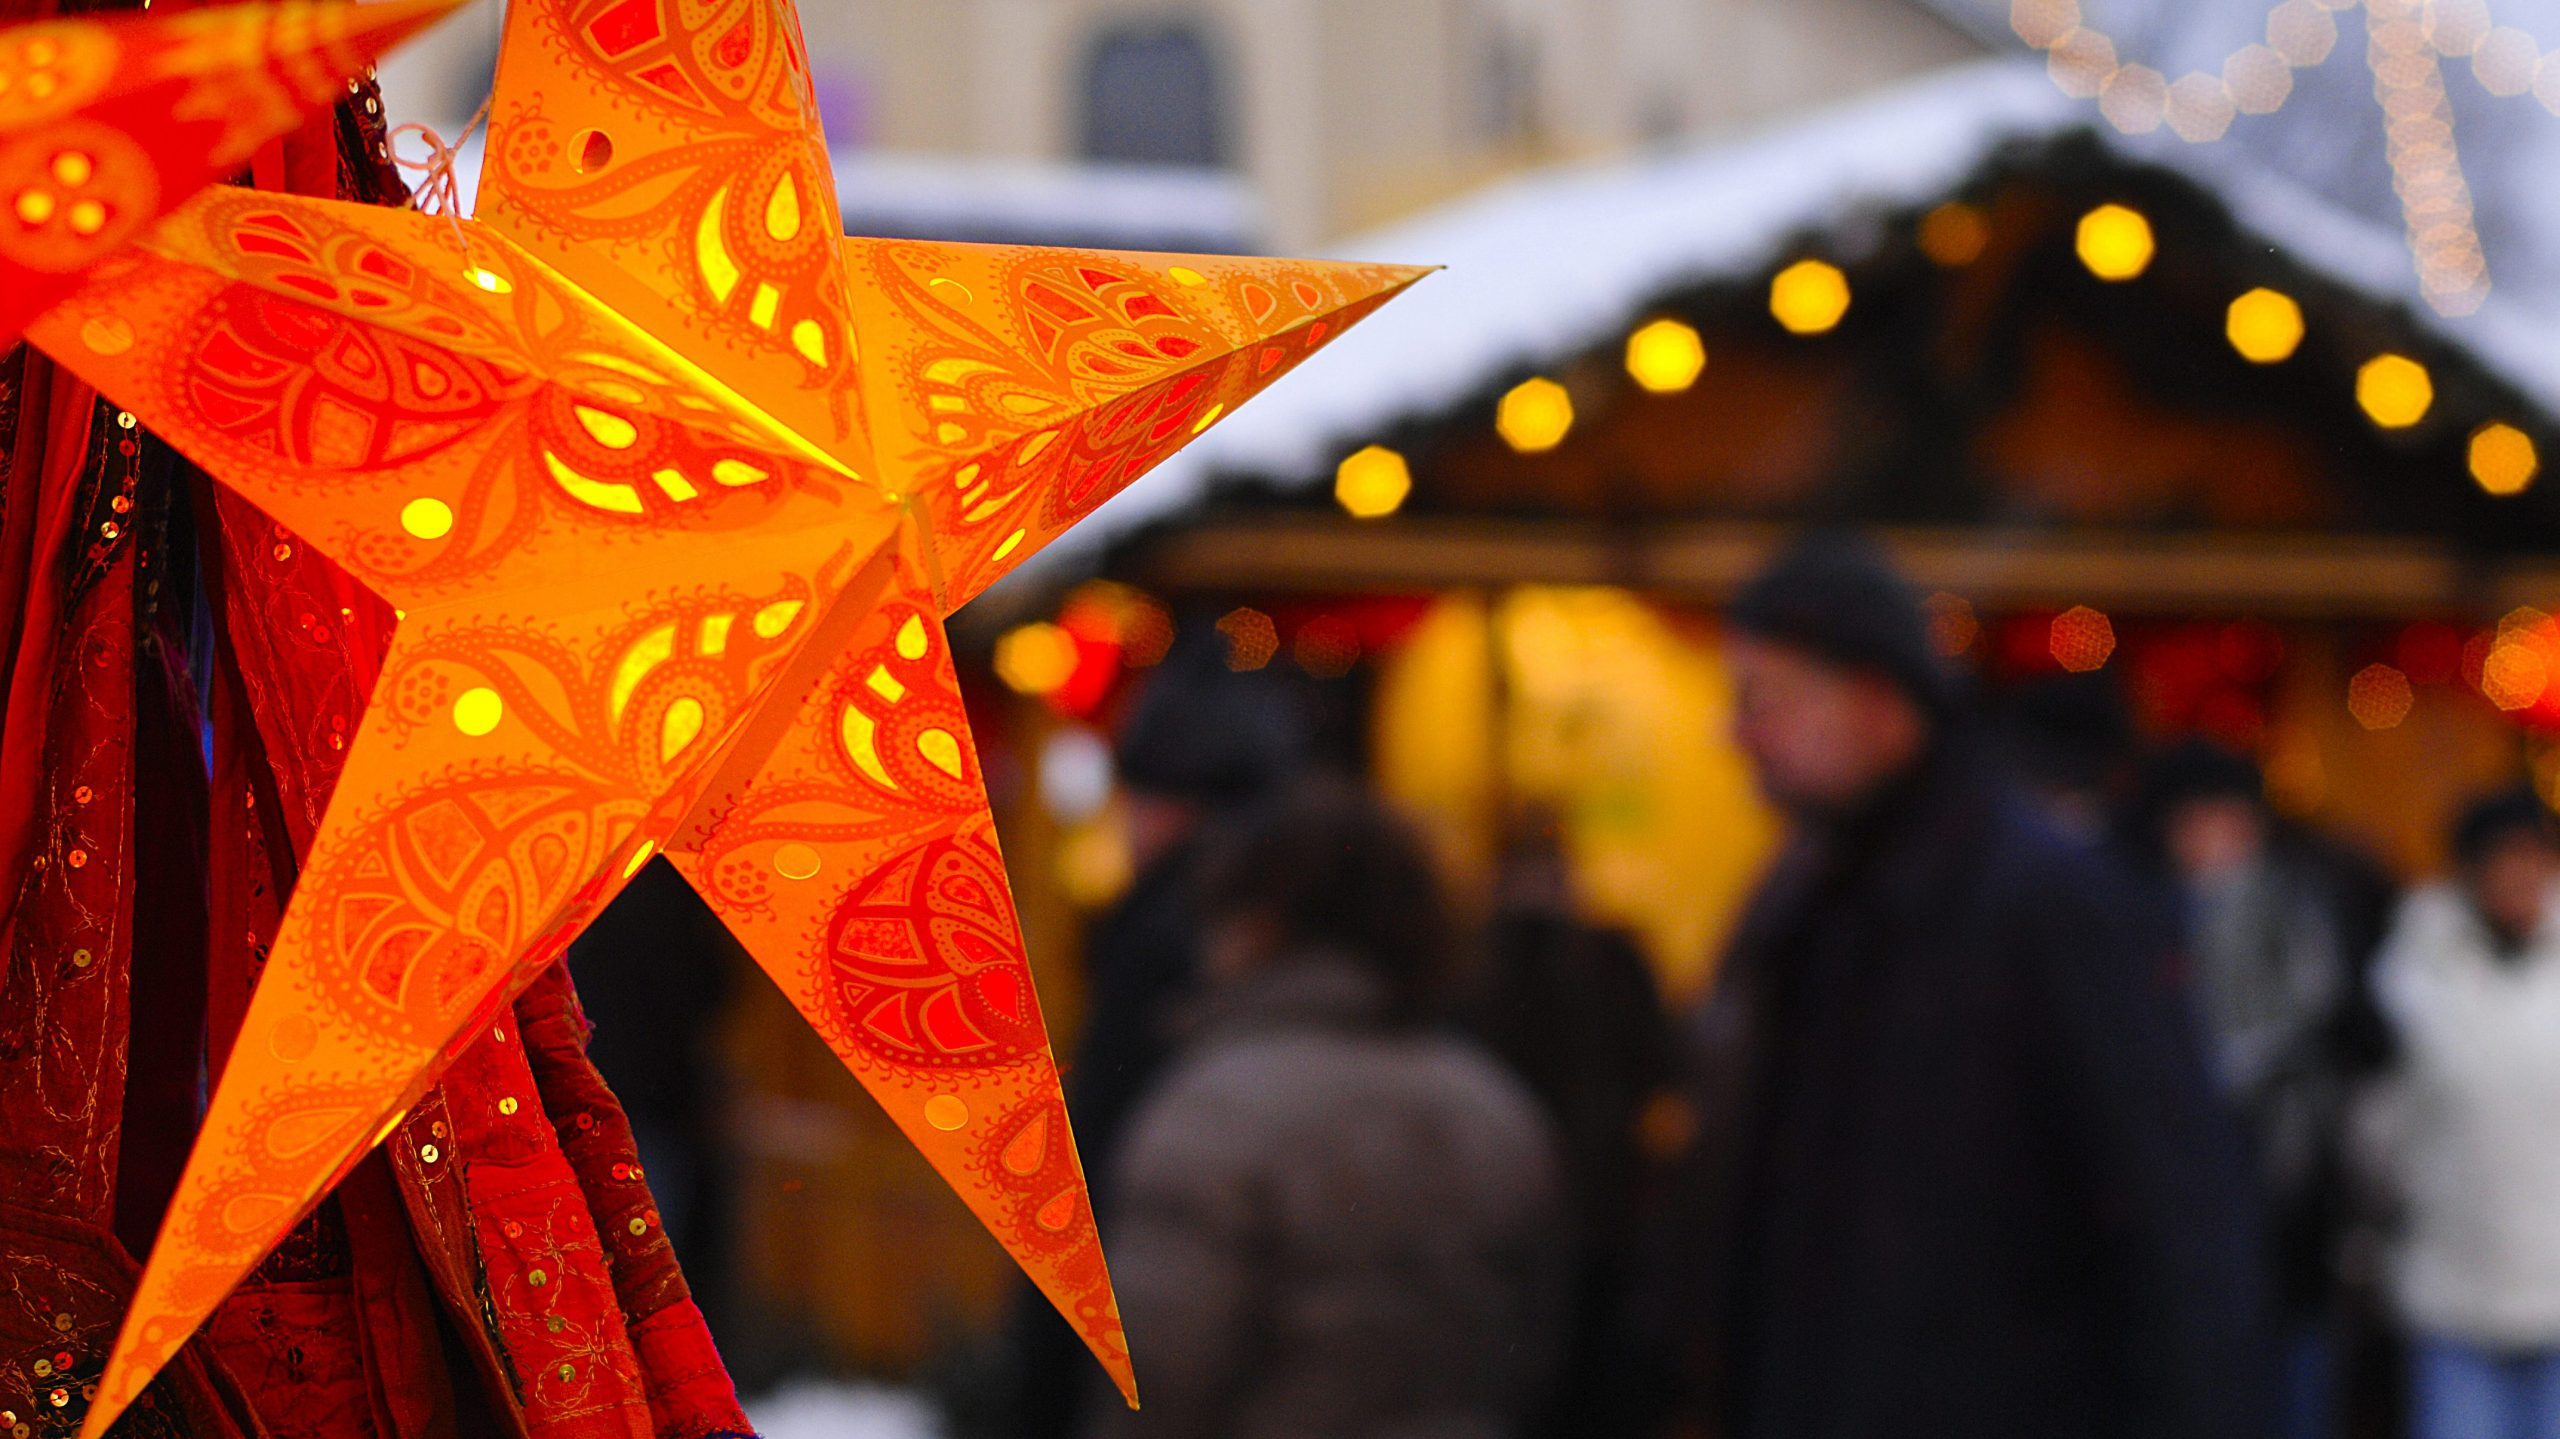 Beleuchteter Weihnachtsstern auf einem Weihnachtsmarktstand